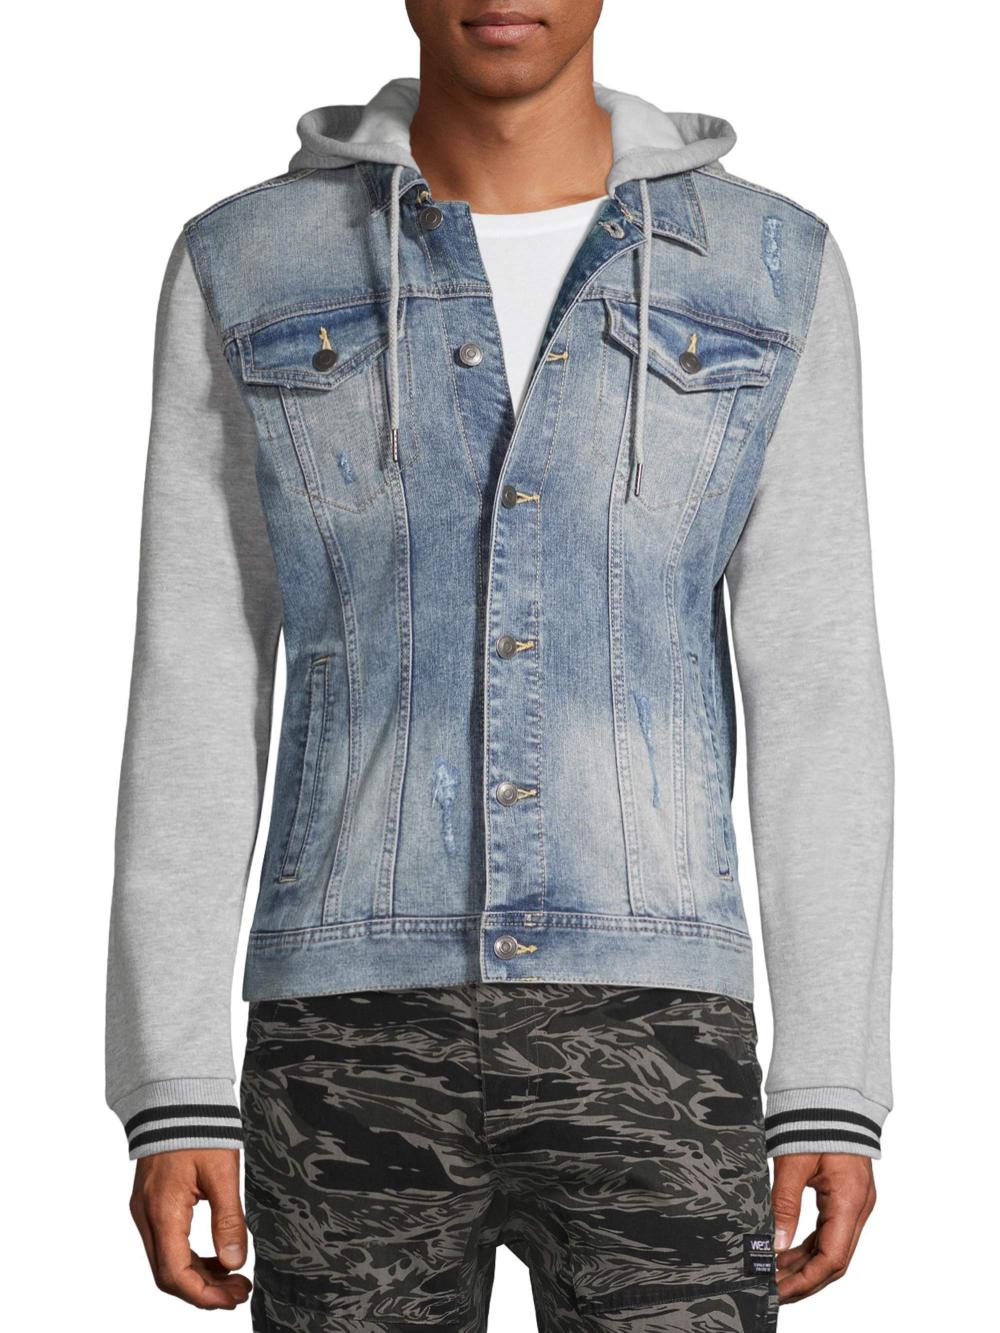 No Boundaries No Boundaries Men S And Big Men S Denim Jacket With Fleece Hood Up To Size 3xl Walmart Com Denim Jacket Men Denim Jacket Women Denim Jacket [ 1333 x 1000 Pixel ]